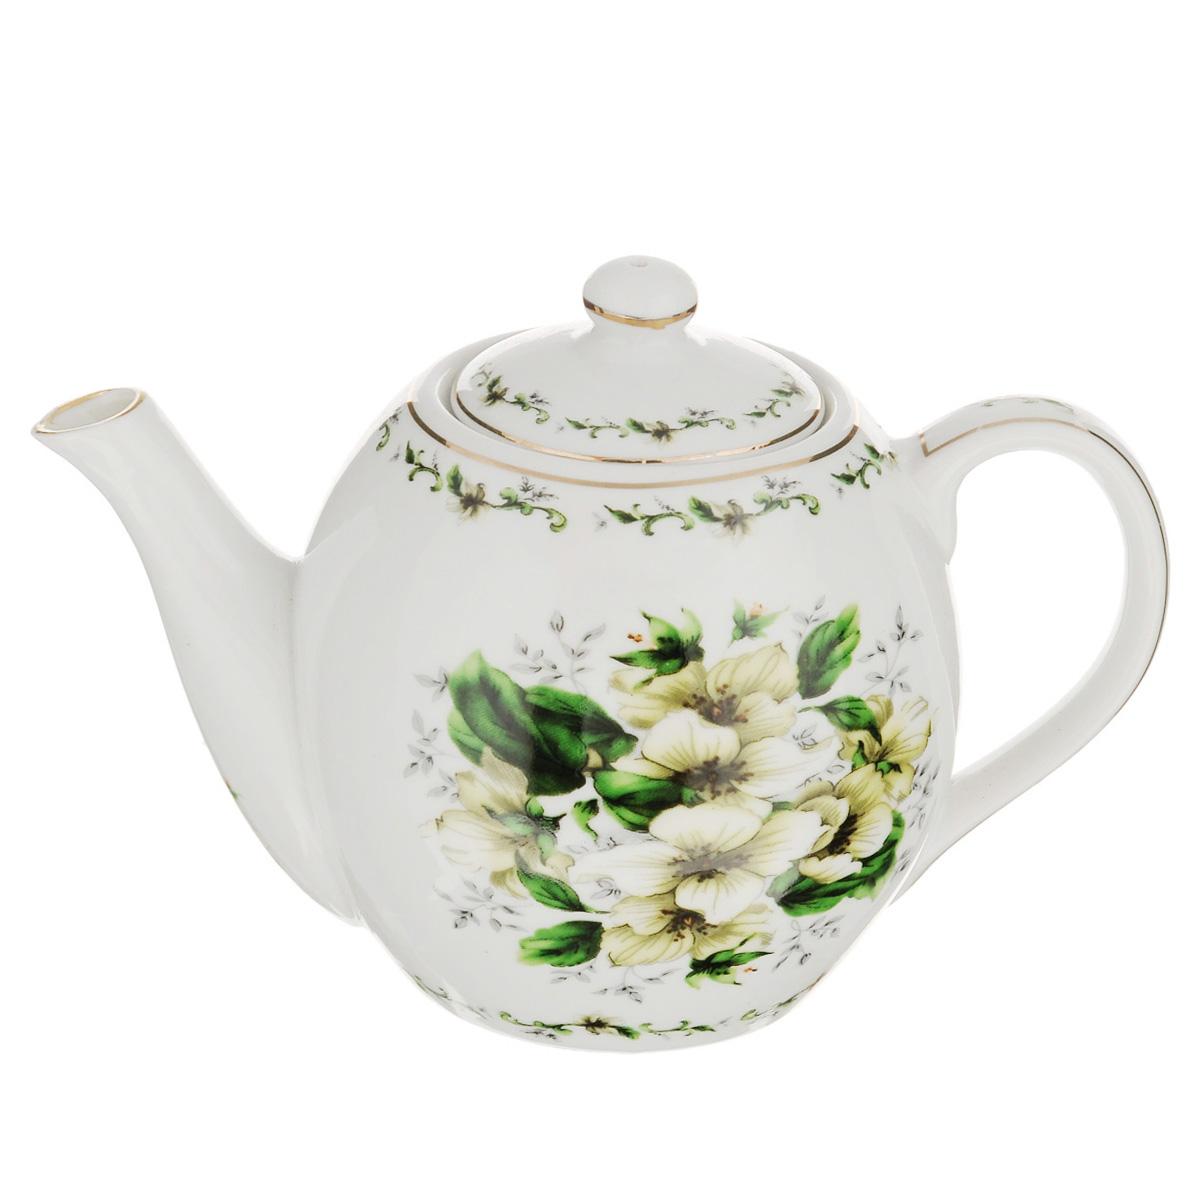 Чайник заварочный Briswild Цветочная грация, 470 мл543-284Заварочный чайник Briswild Цветочная грация изготовлен из высококачественного фарфора и покрыт слоем сверкающей глазури. Посуда оформлена изысканным цветочным рисунком и эмалью золотистого цвета. Такой чайник прекрасно дополнит сервировку стола к чаепитию и станет его неизменным атрибутом. Не использовать в микроволновой печи. Объем: 470 мл. Диаметр (по верхнему краю): 6 см. Высота стенки (без учета крышки): 9 см.